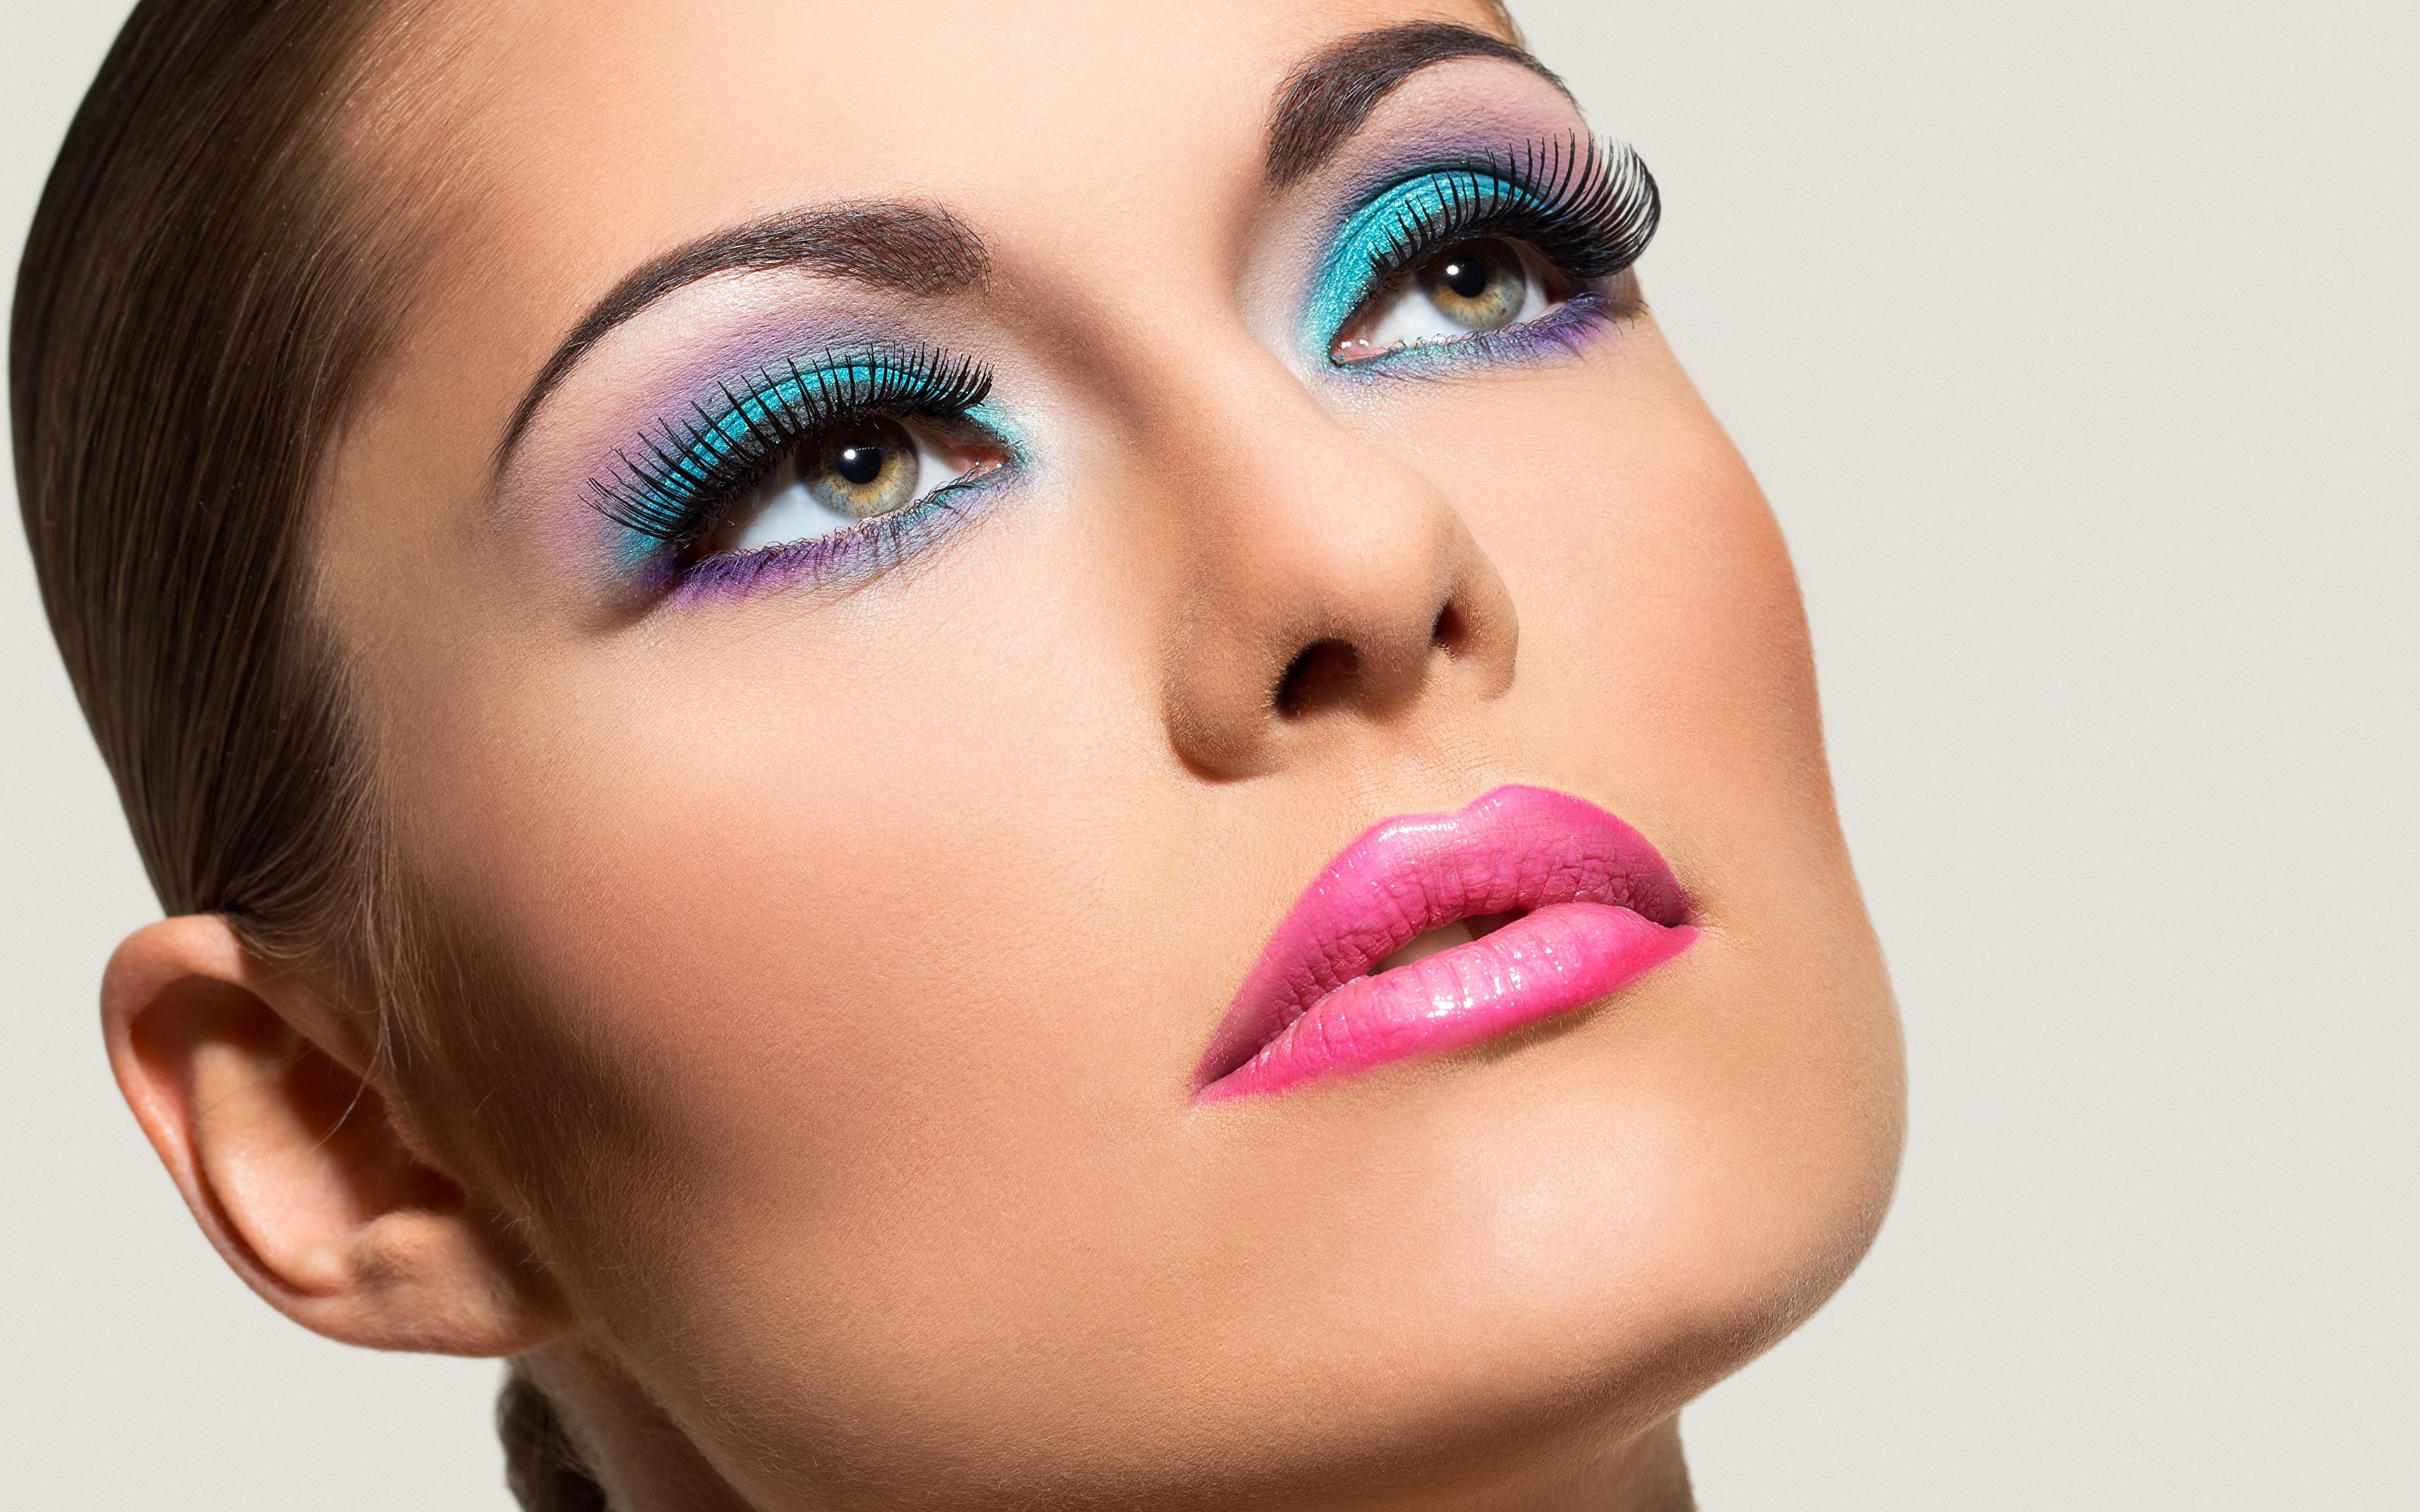 Fotos von Model Schminke Gesicht Mädchens Blick 3840x2400 Make Up junge frau junge Frauen Starren